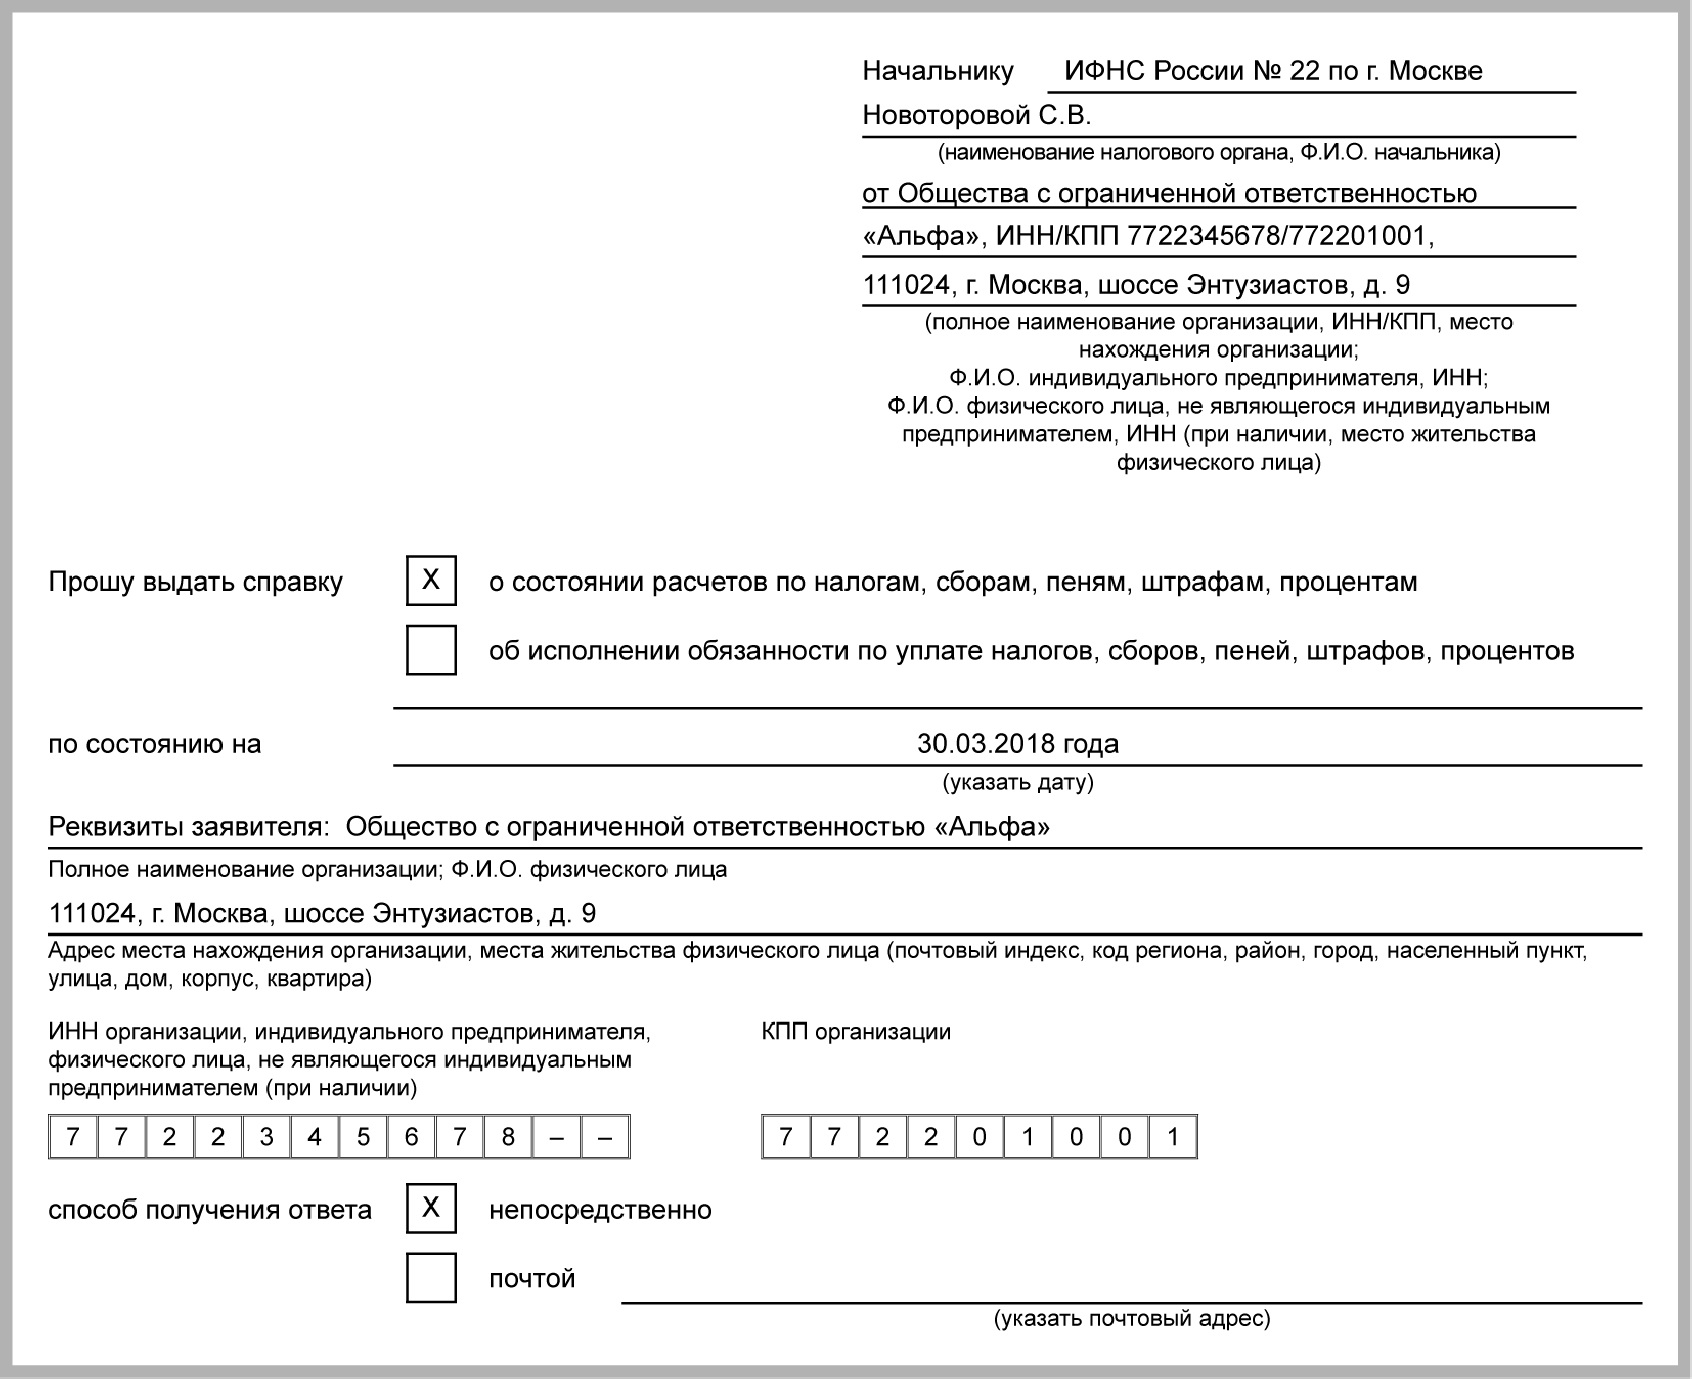 Запрос об исполнении обязанности по уплате налогов